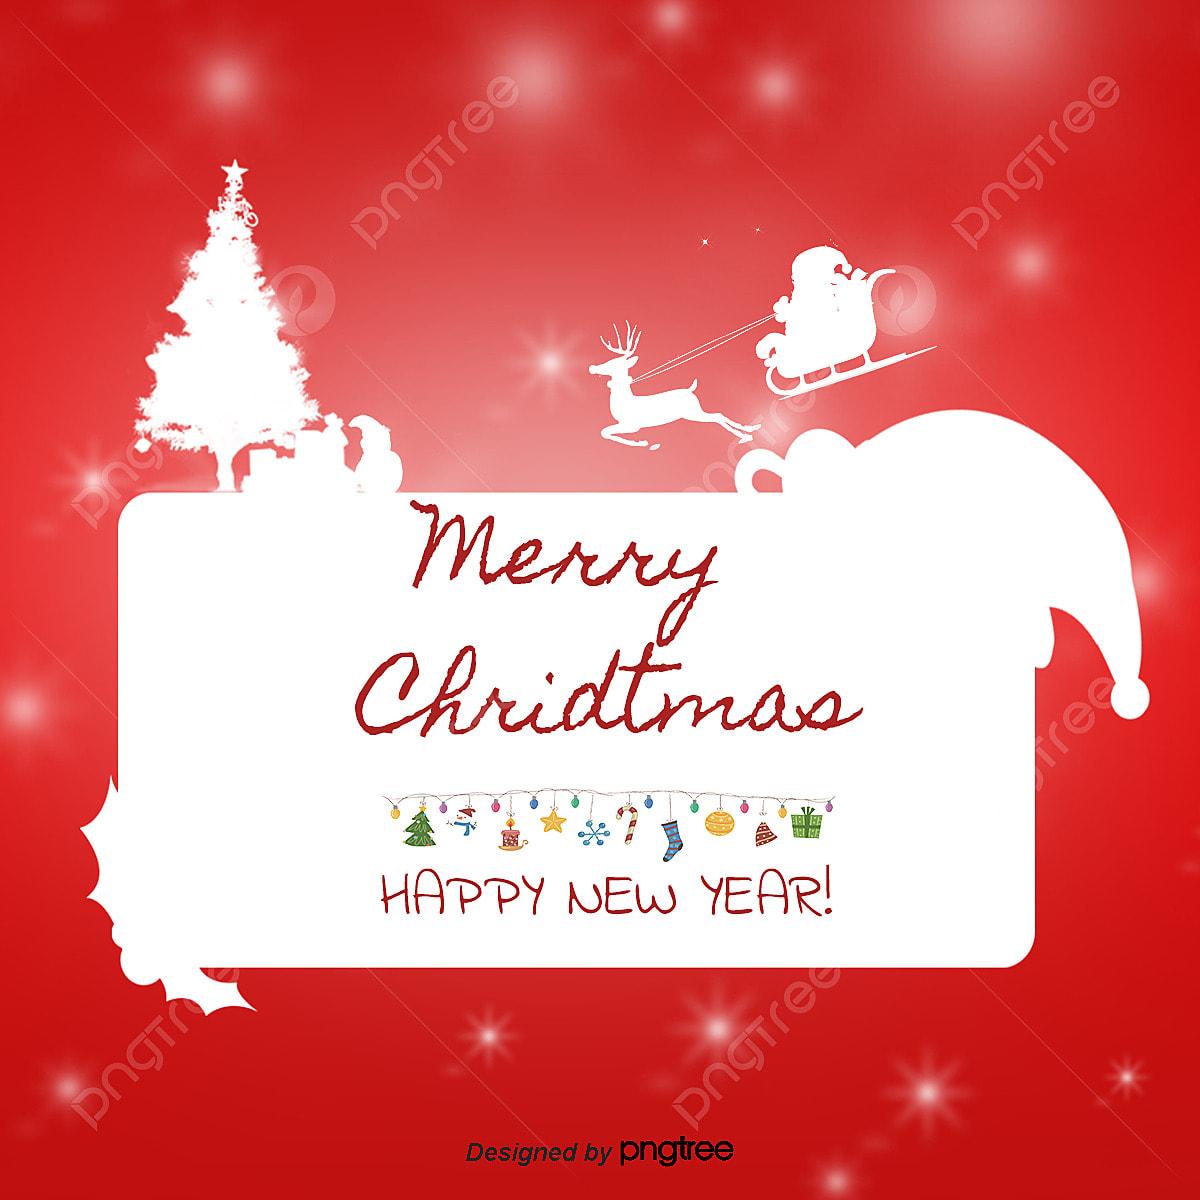 Descargar Felicitaciones De Navidad Y Ano Nuevo Gratis.Vector Tarjeta De Felicitacion Navidad Ano Nuevo Tarjetas